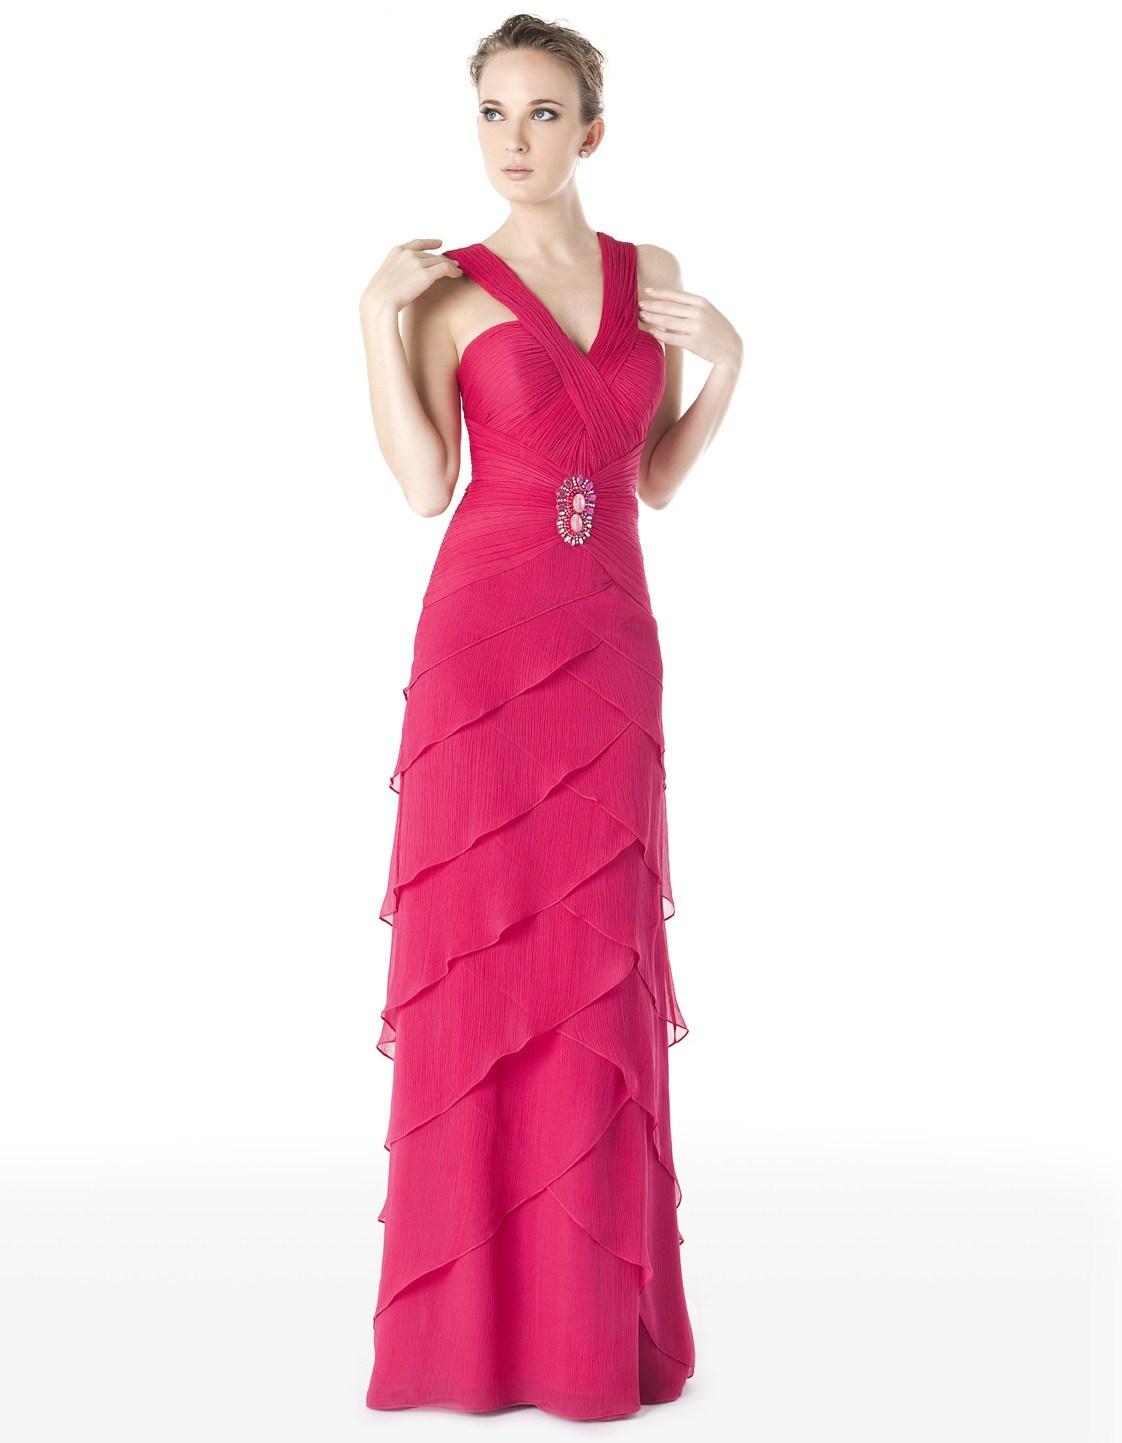 China Red Sweetheart Chiffon Prom Dress PD021 China